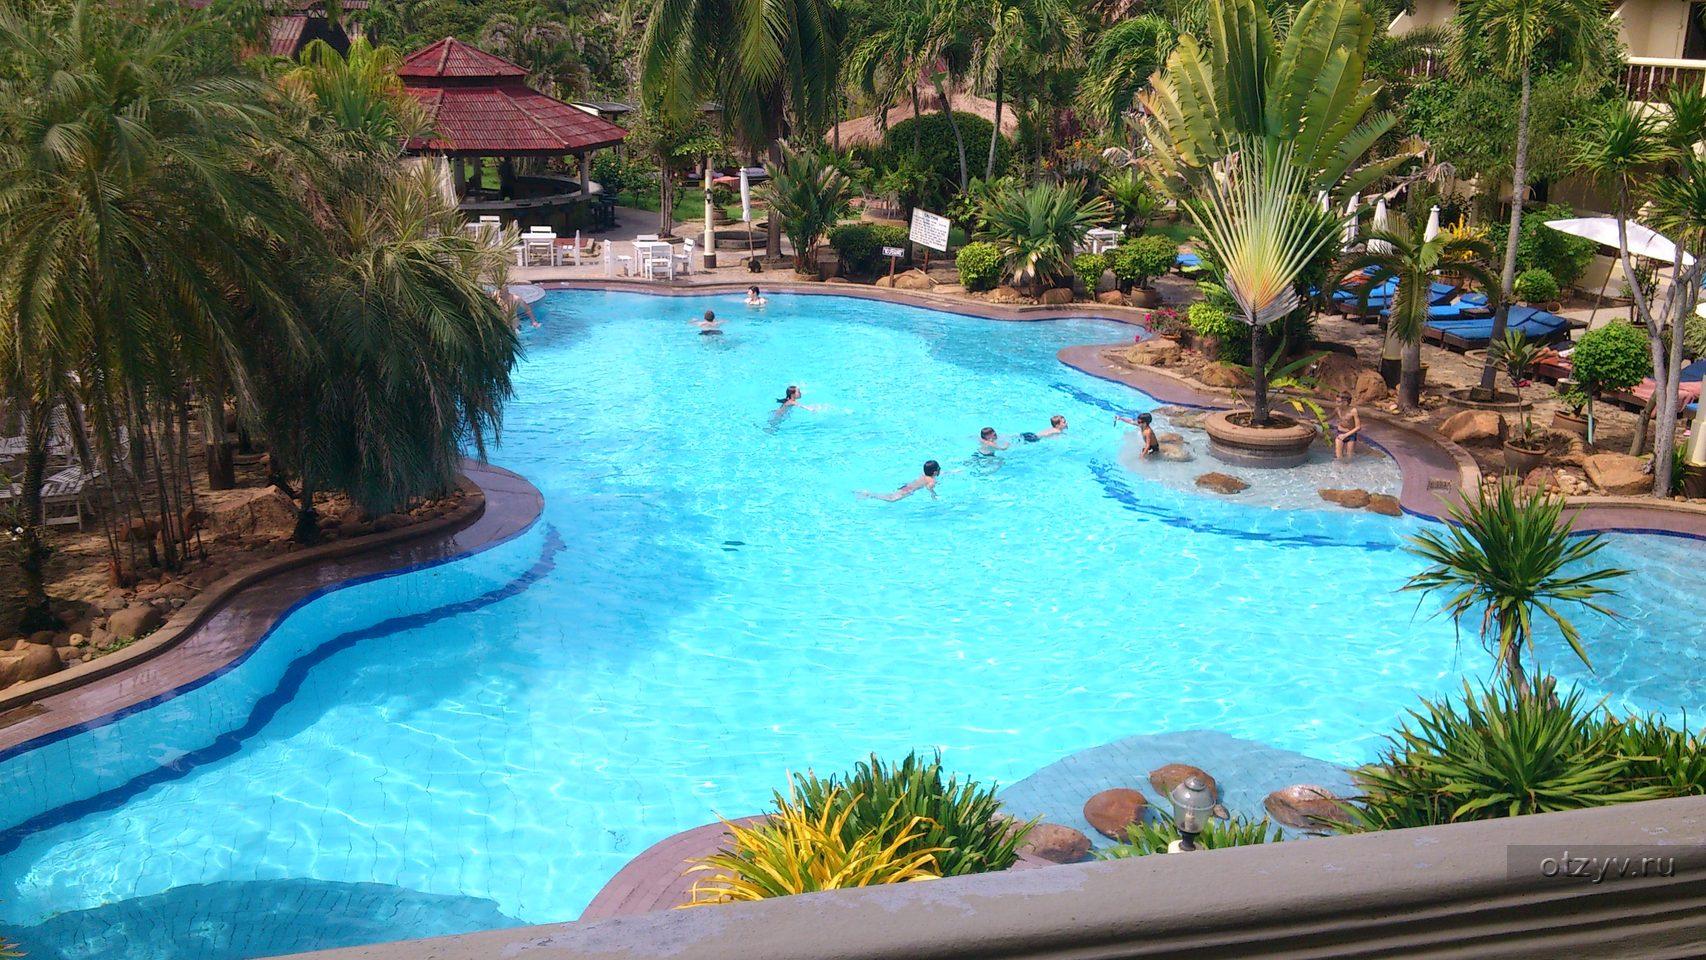 отель в паттайе баннаммао резорт фото беззаботной день